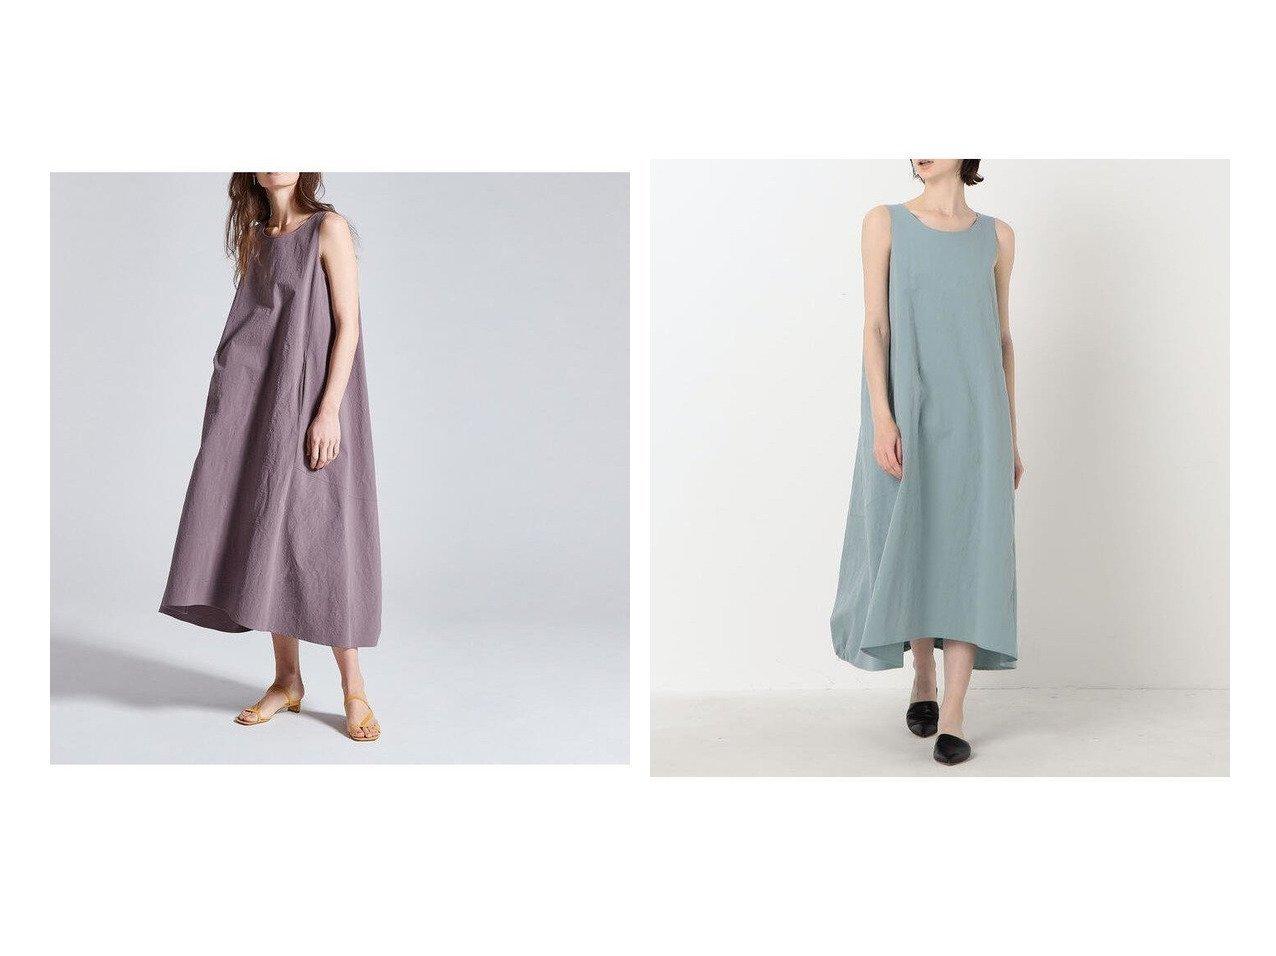 【DES PRES / TOMORROWLAND/デプレ】のライトコットンストレッチ ノースリーブロングワンピース 【ワンピース・ドレス】おすすめ!人気、トレンド・レディースファッションの通販 おすすめで人気の流行・トレンド、ファッションの通販商品 インテリア・家具・メンズファッション・キッズファッション・レディースファッション・服の通販 founy(ファニー) https://founy.com/ ファッション Fashion レディースファッション WOMEN ワンピース Dress 2021年 2021 2021春夏・S/S SS/Spring/Summer/2021 S/S・春夏 SS・Spring/Summer イタリア エアリー ギャザー サマー シンプル ストレッチ タンブラー ノースリーブ ヘムライン リラックス  ID:crp329100000049474